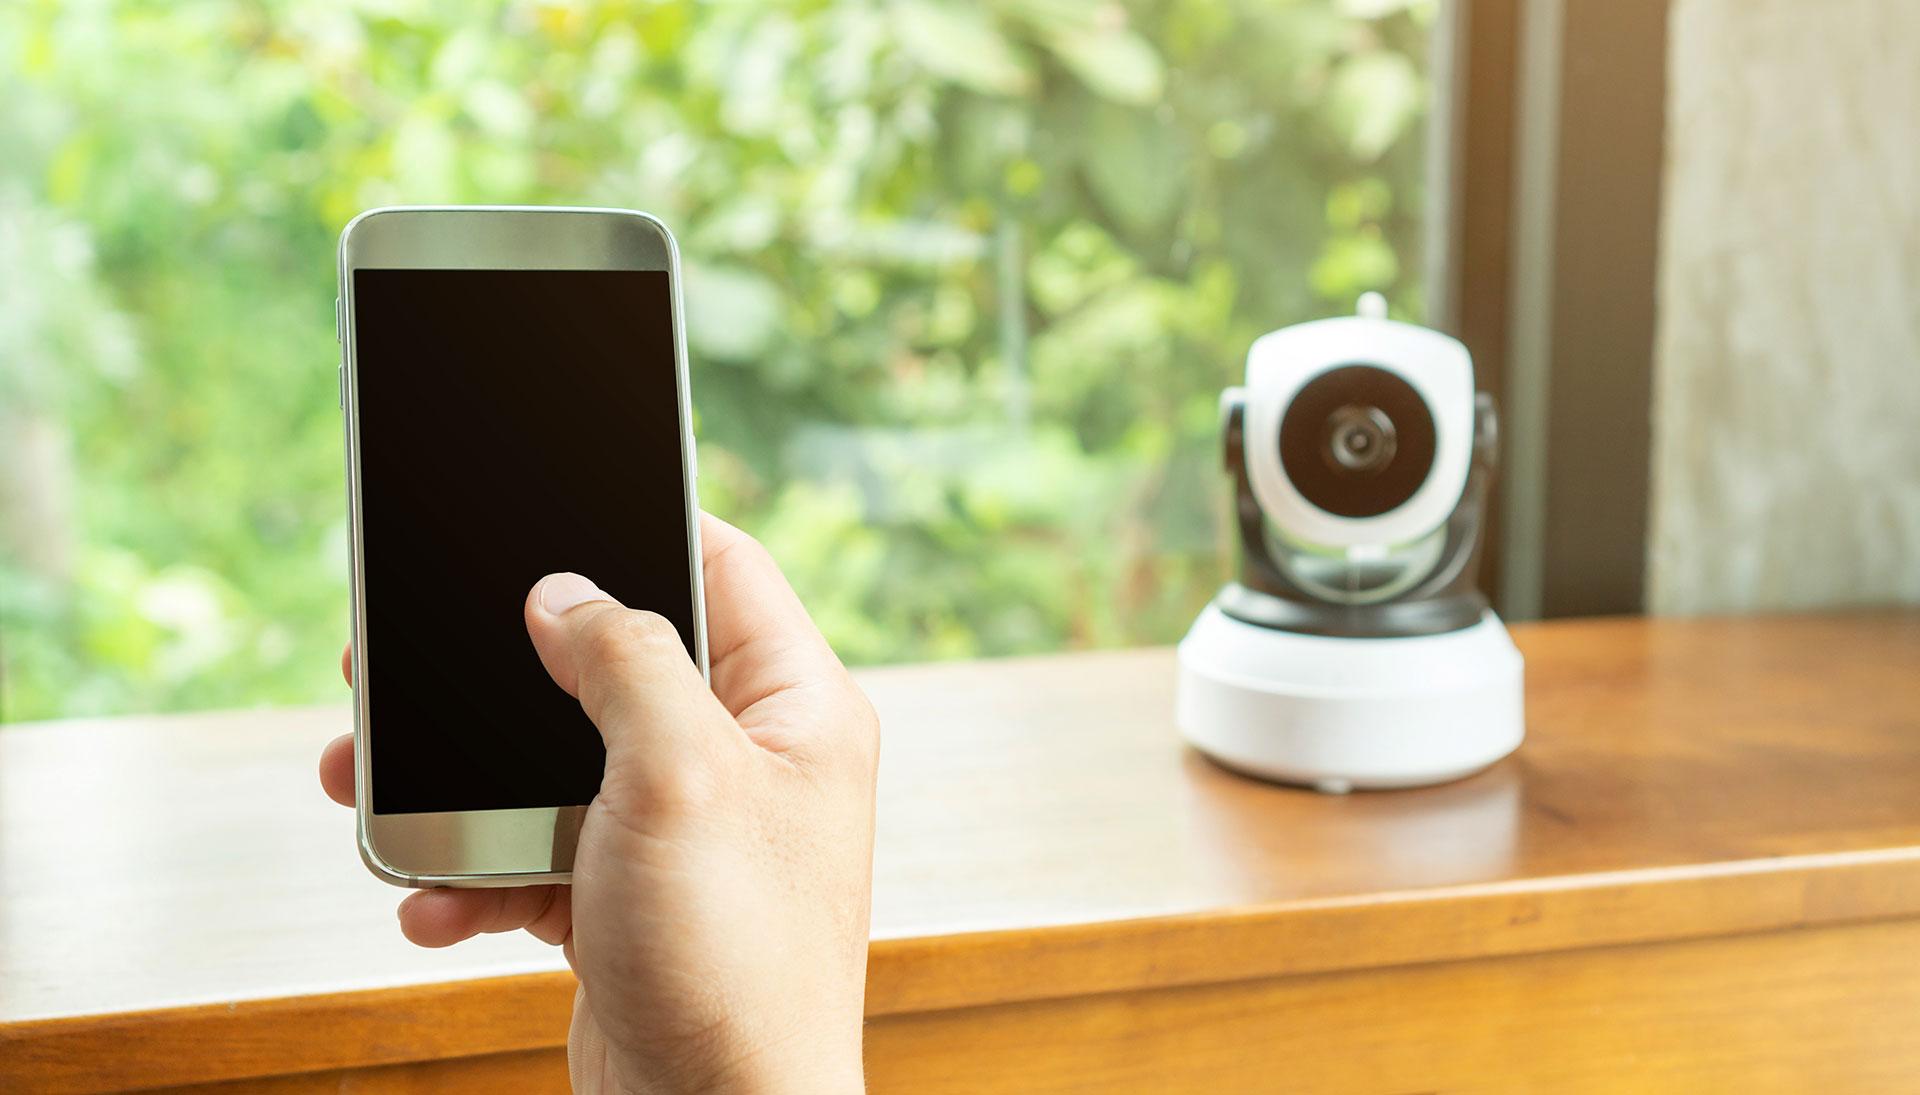 Obrázek: Webkamery se stále špatně shánějí: Jak si vyrobit webkameru z mobilu?